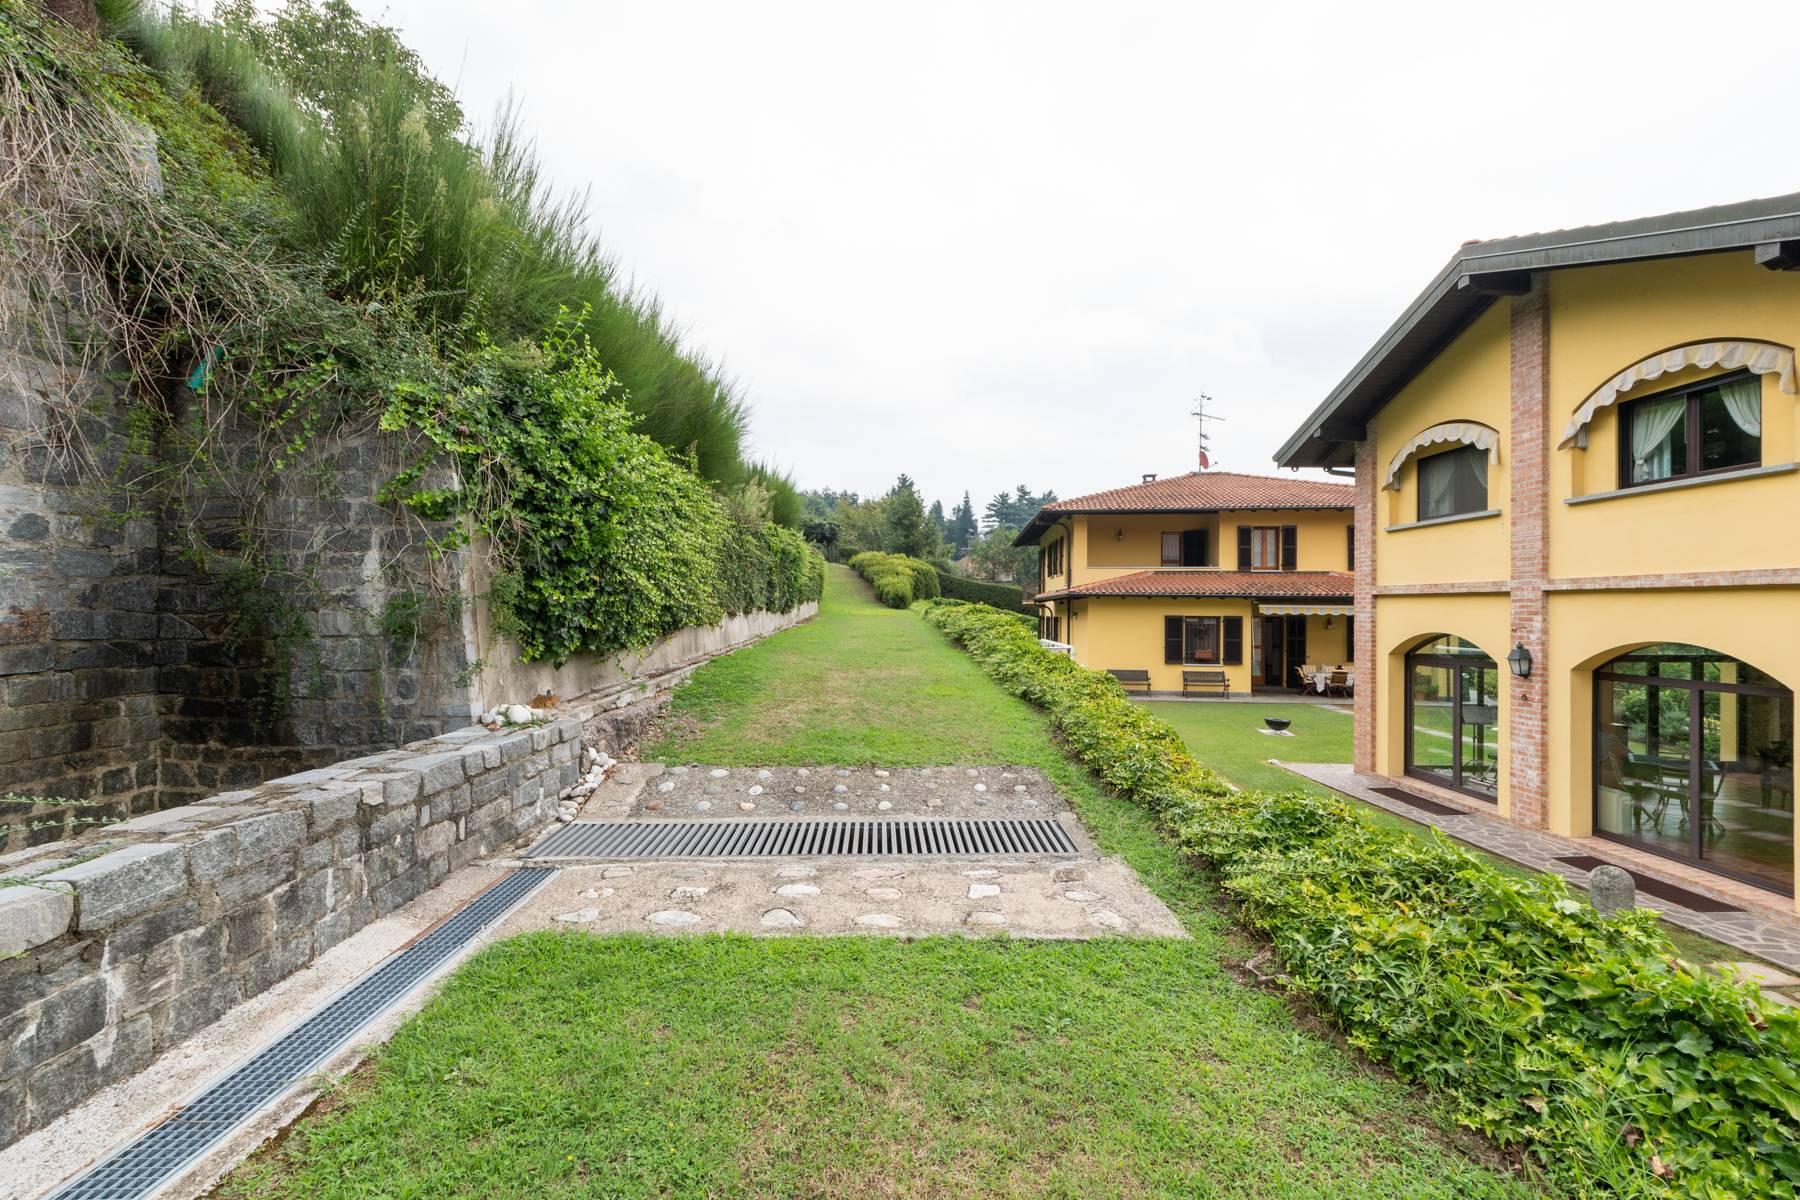 Villa in Vendita a Arona: 5 locali, 350 mq - Foto 29